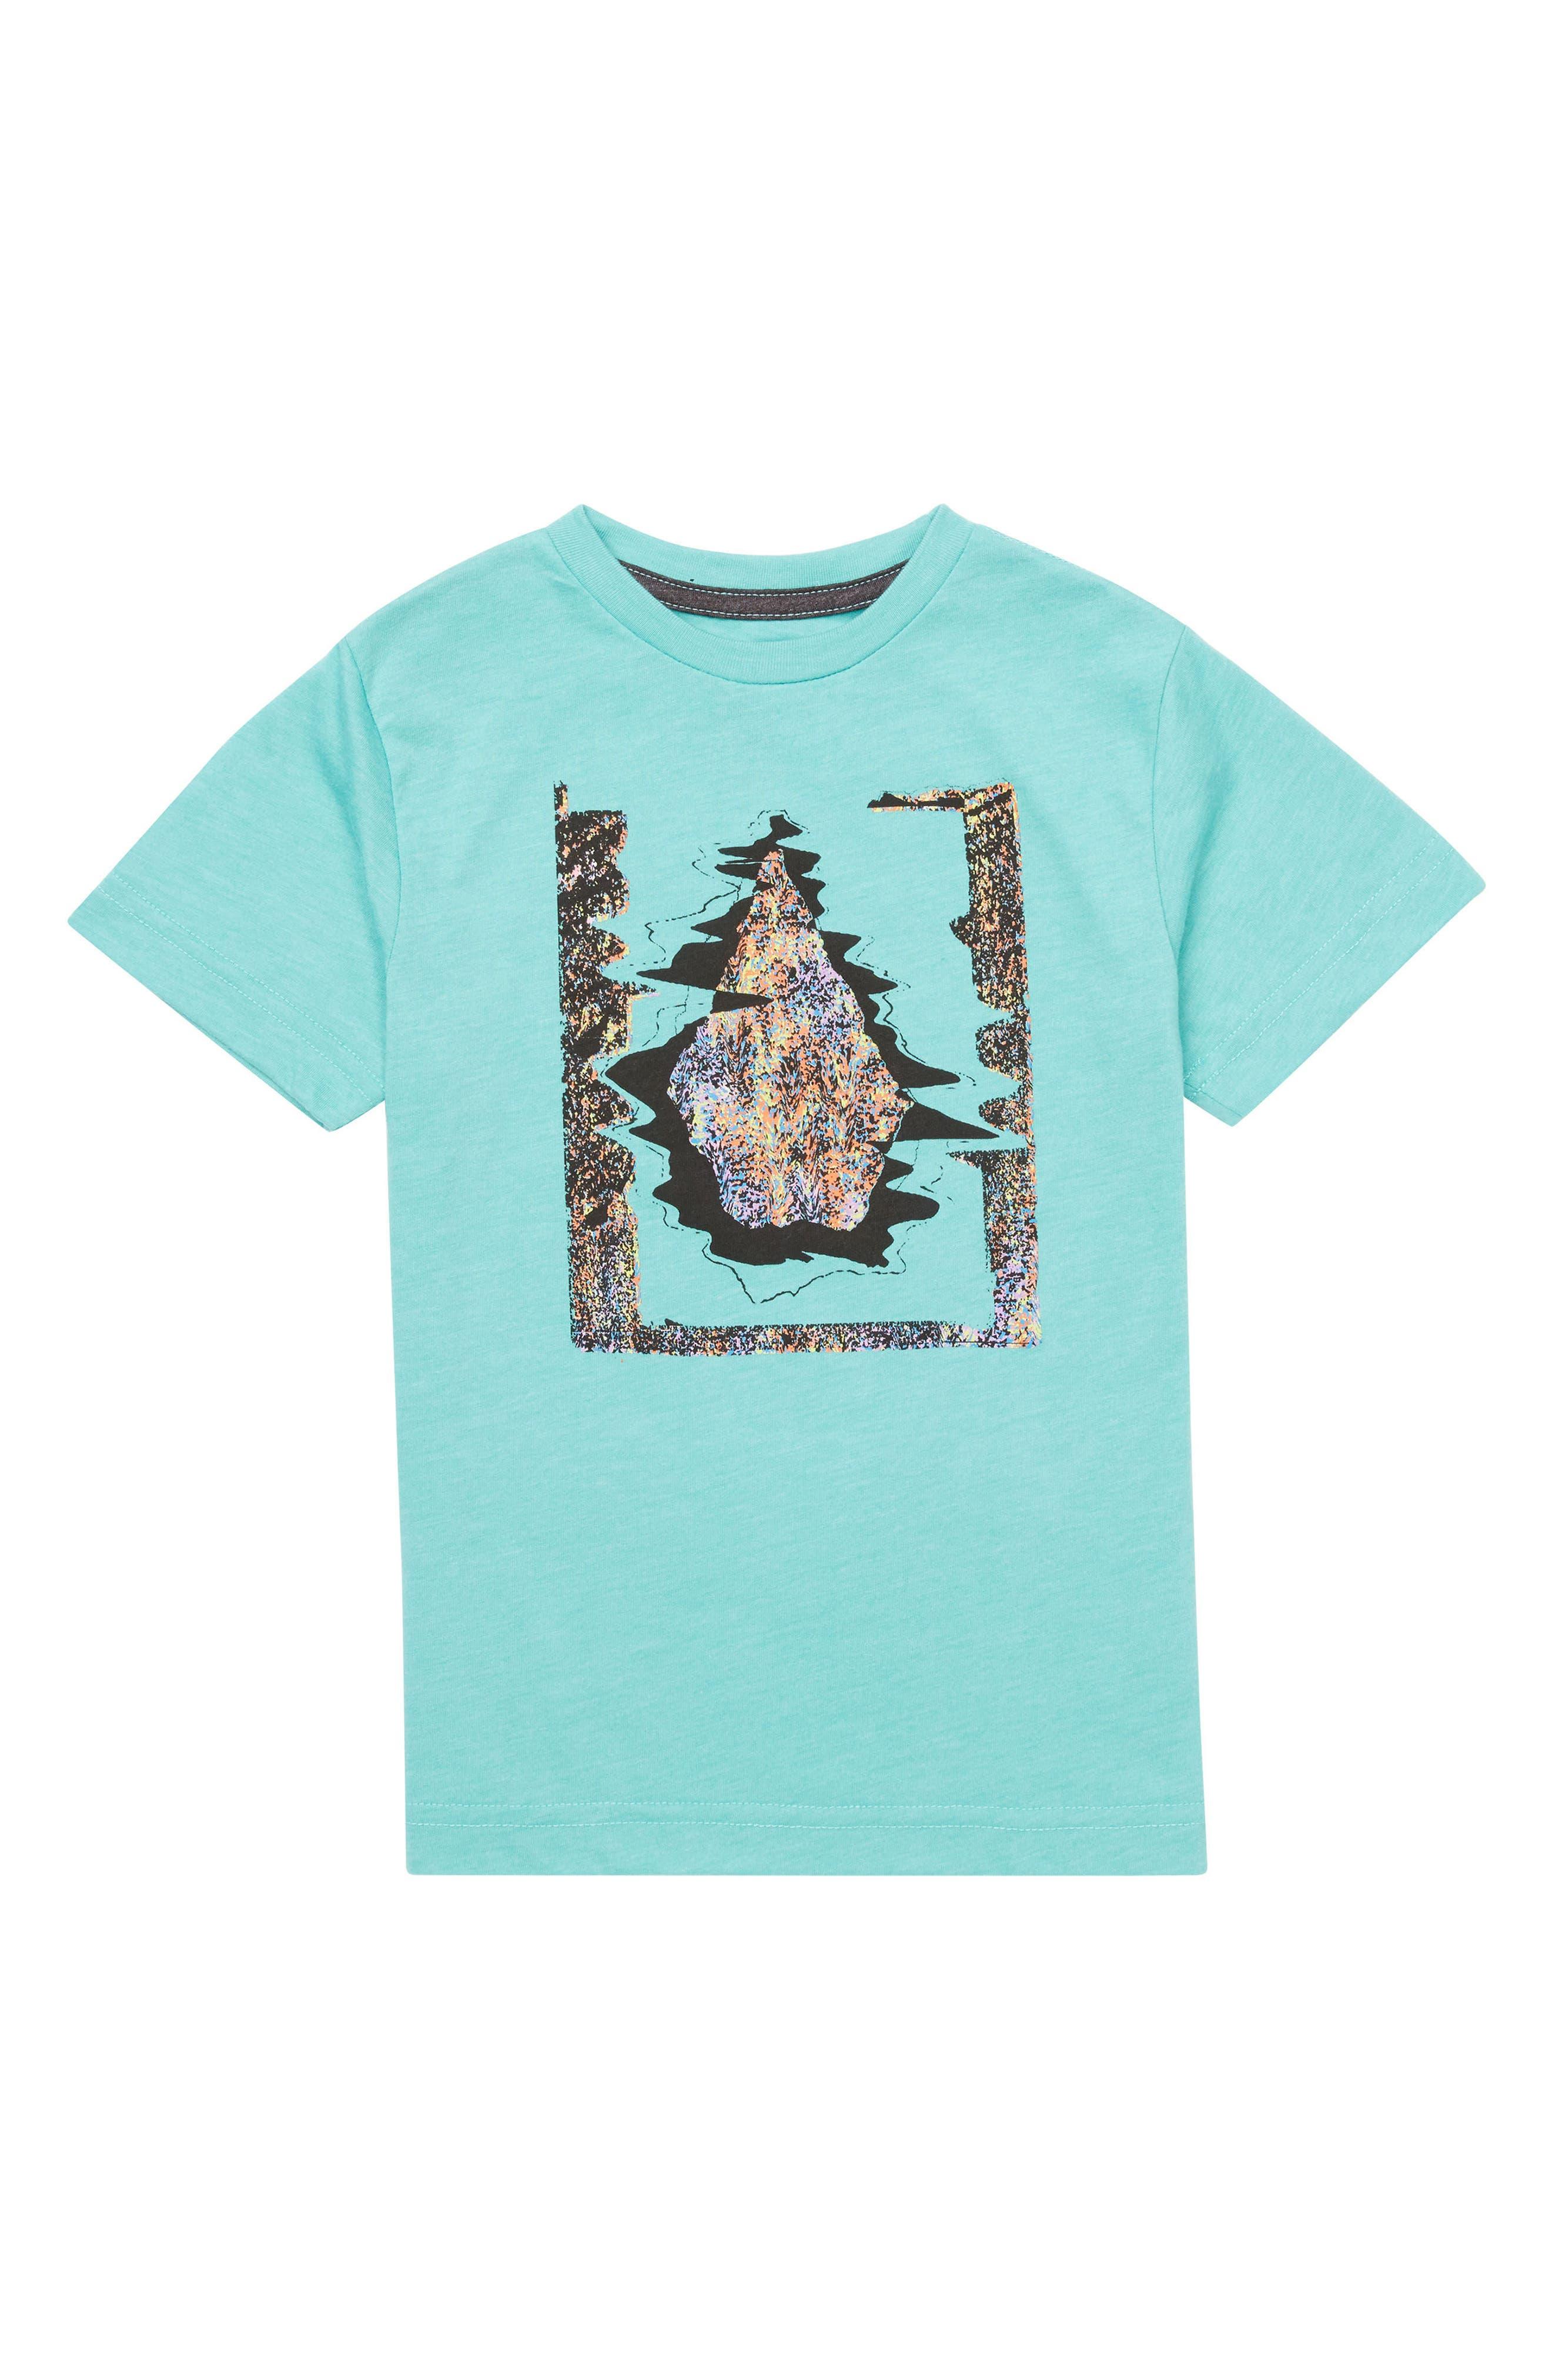 Statiq Graphic T-Shirt,                         Main,                         color, 440